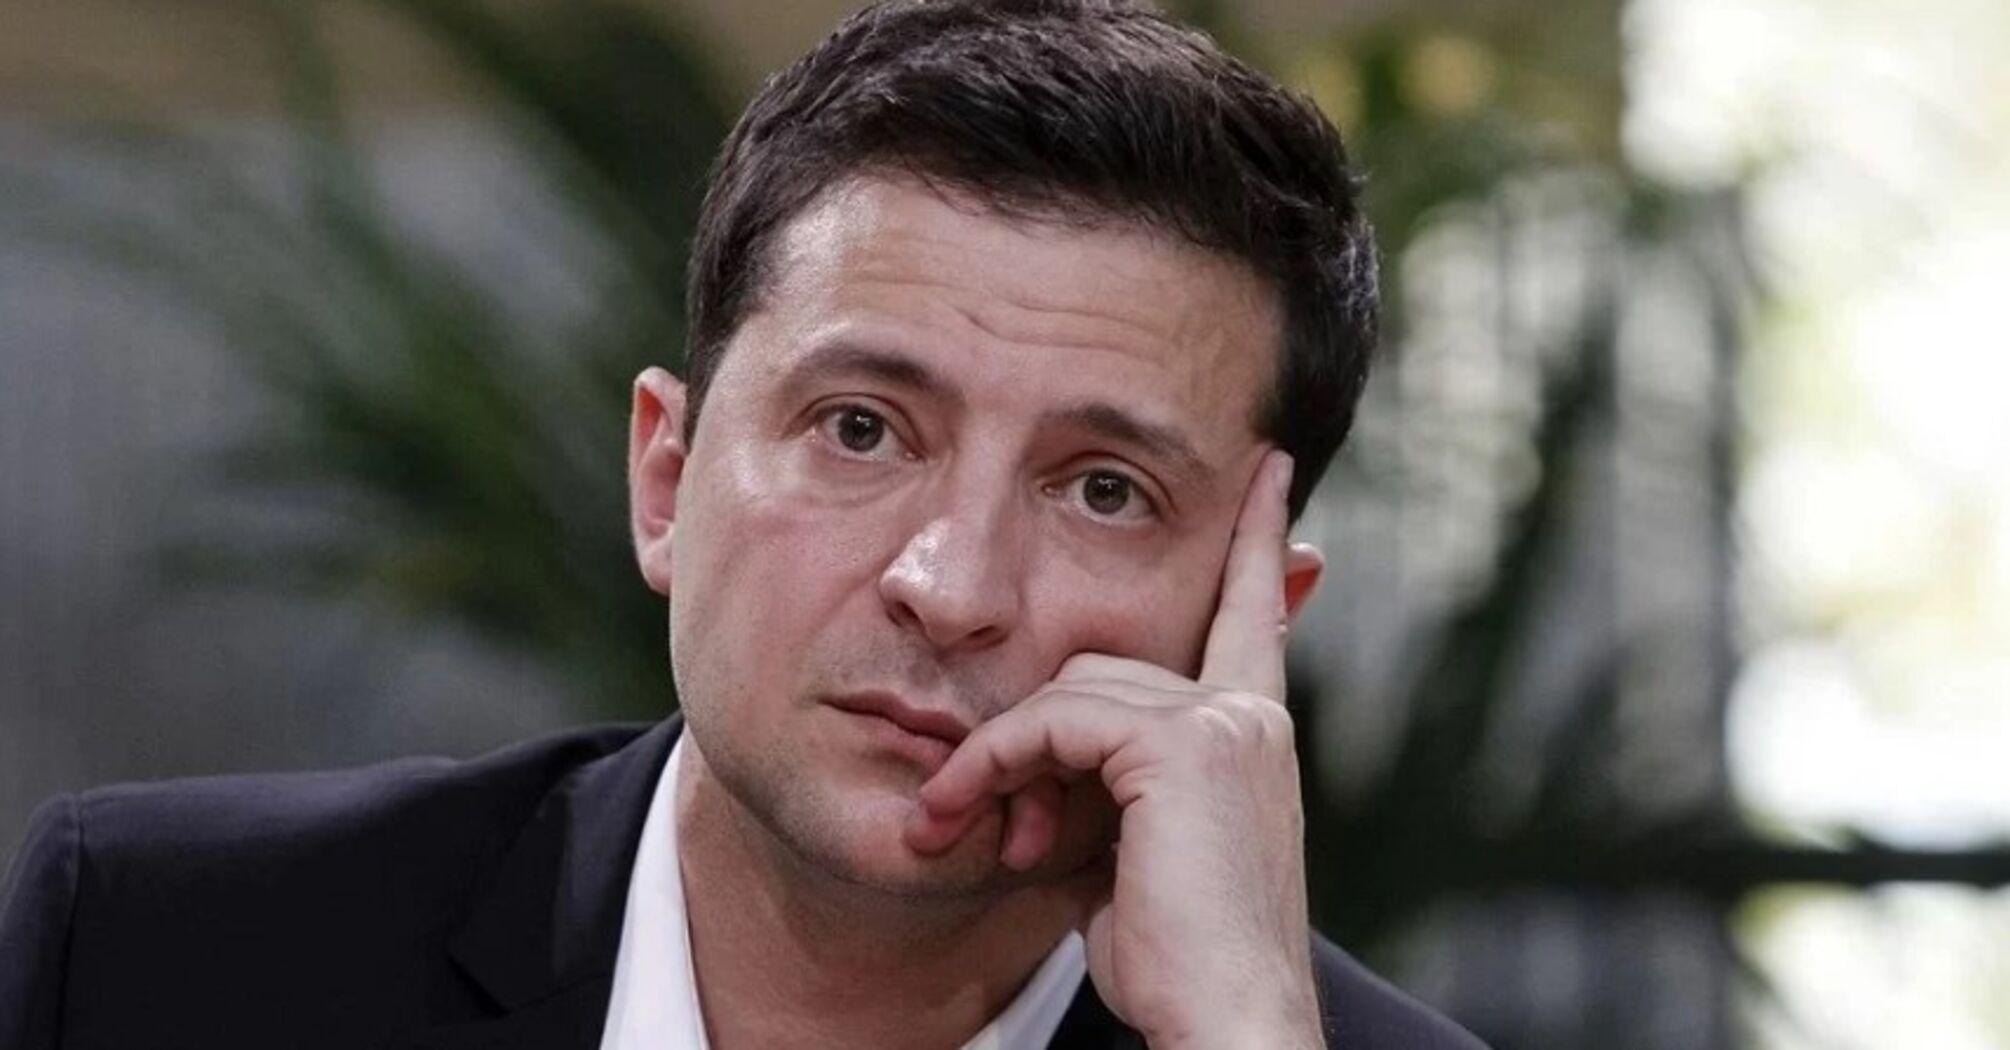 Через 2-3 года Украина будет зависеть от западных партнеров ещё больше